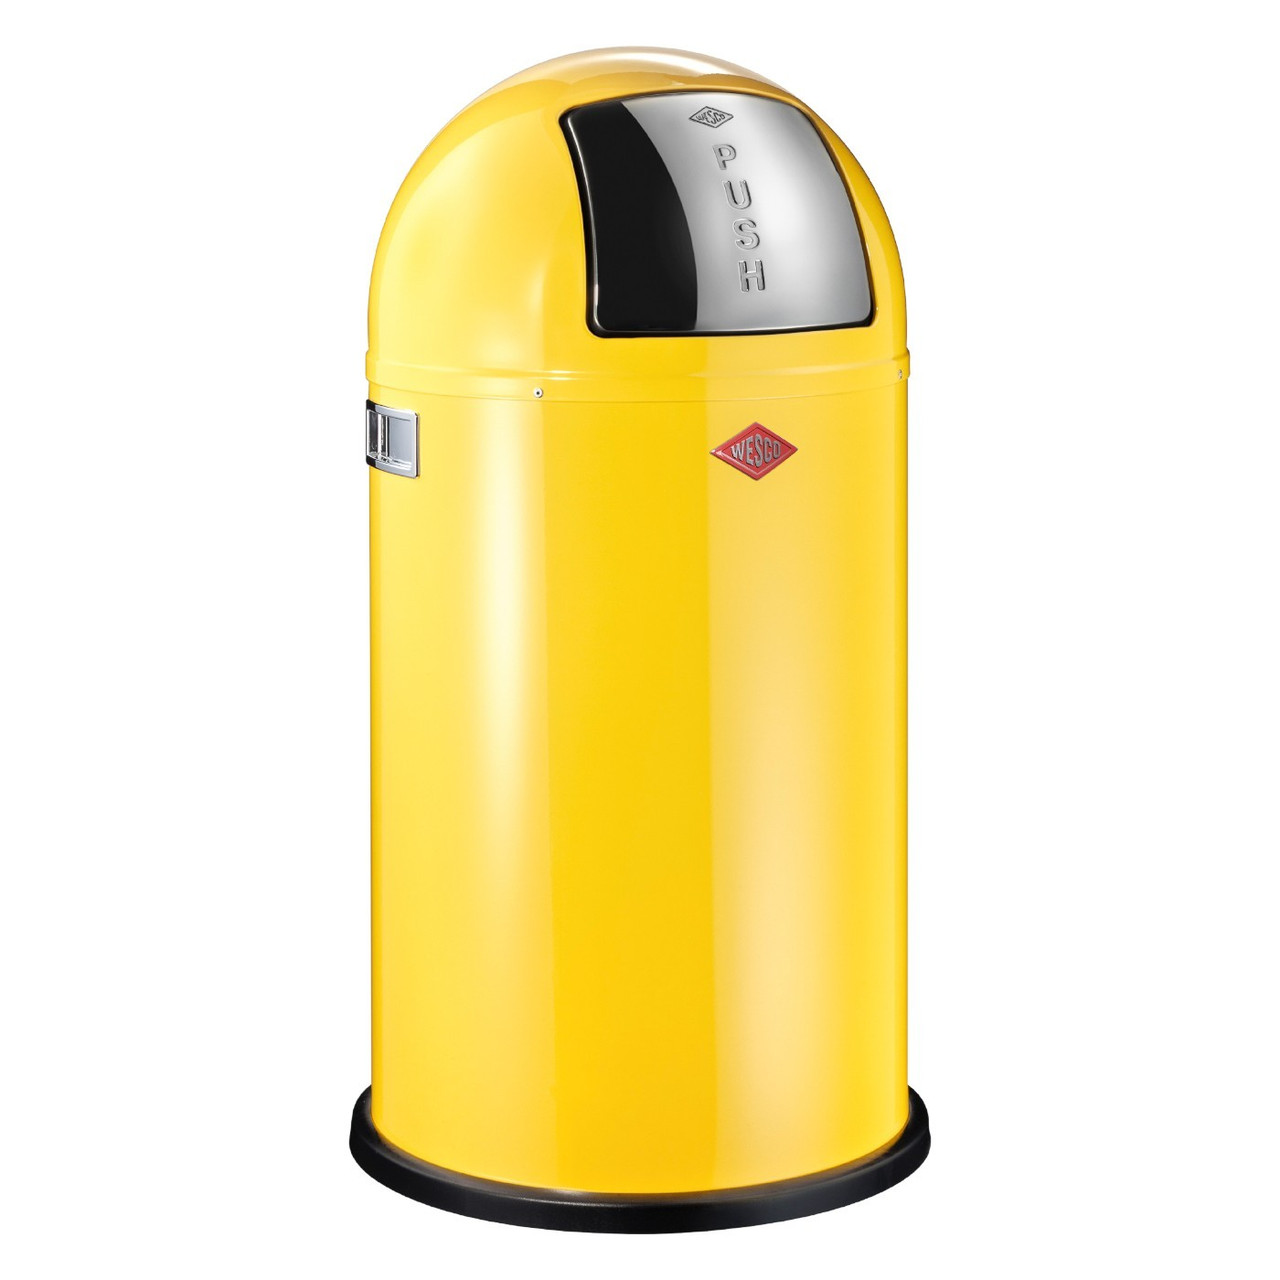 Мусорный бак Wesco Pushboy 50 литров, нержавеющая сталь, лимонно-желтый (175831-19)